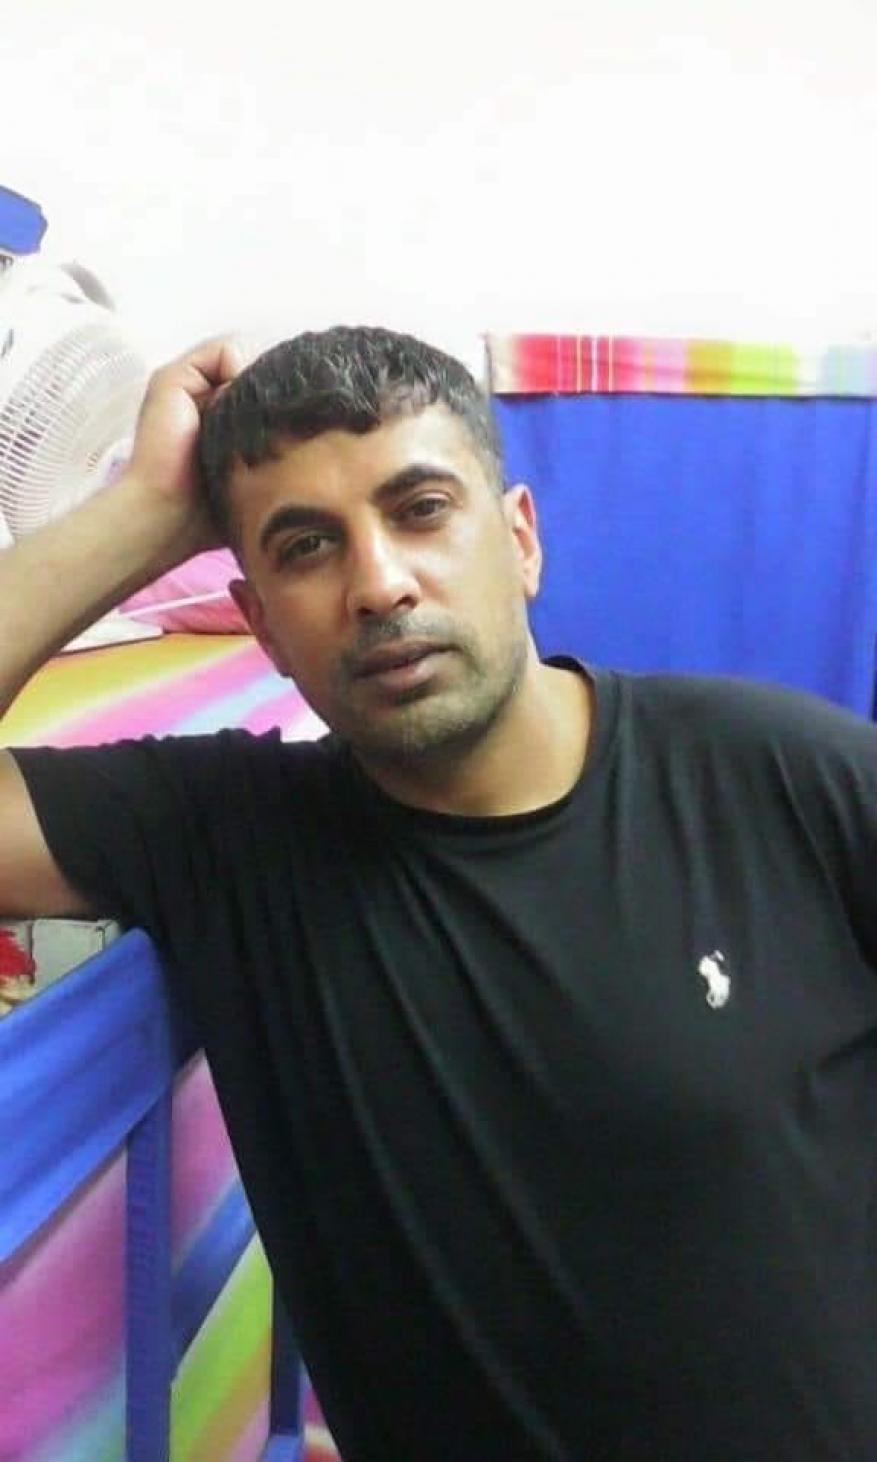 """الاحتلال يفرج عن أحد محرري صفقة """"وفاء الأحرار"""" المُعاد اعتقالهم"""